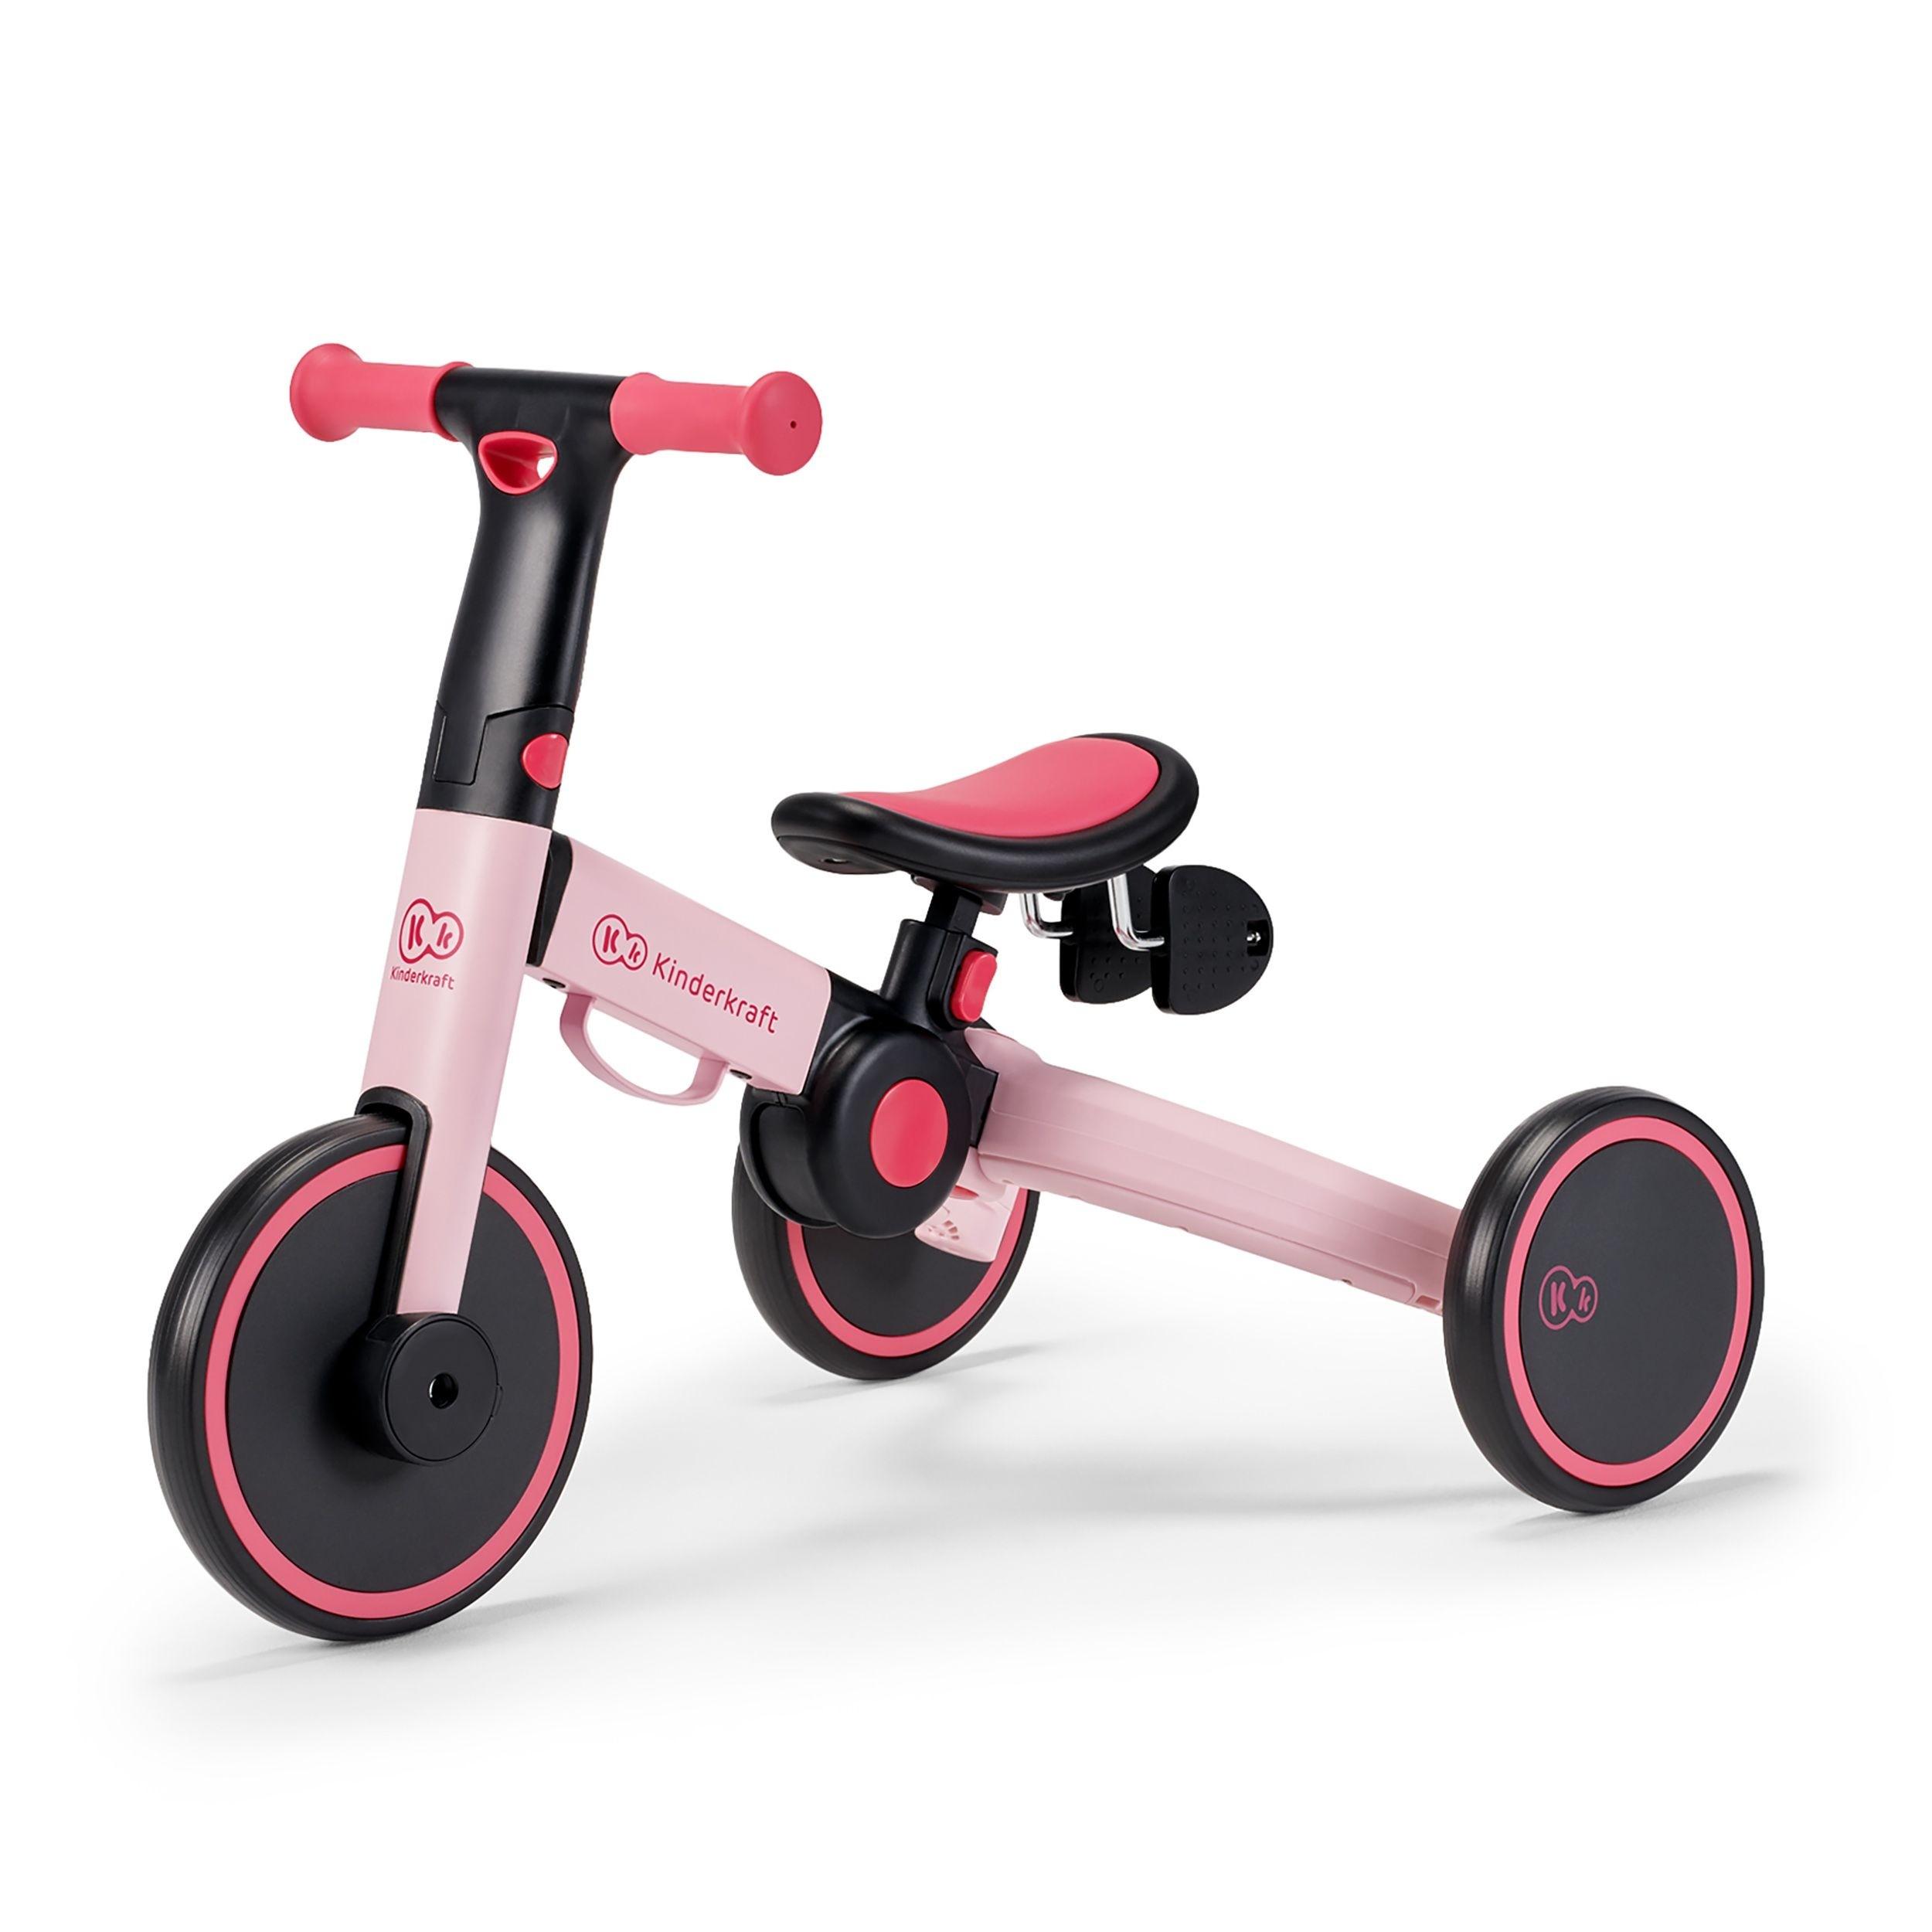 Tricikl bicikl Kinderkraftv4TRIKE candy pink